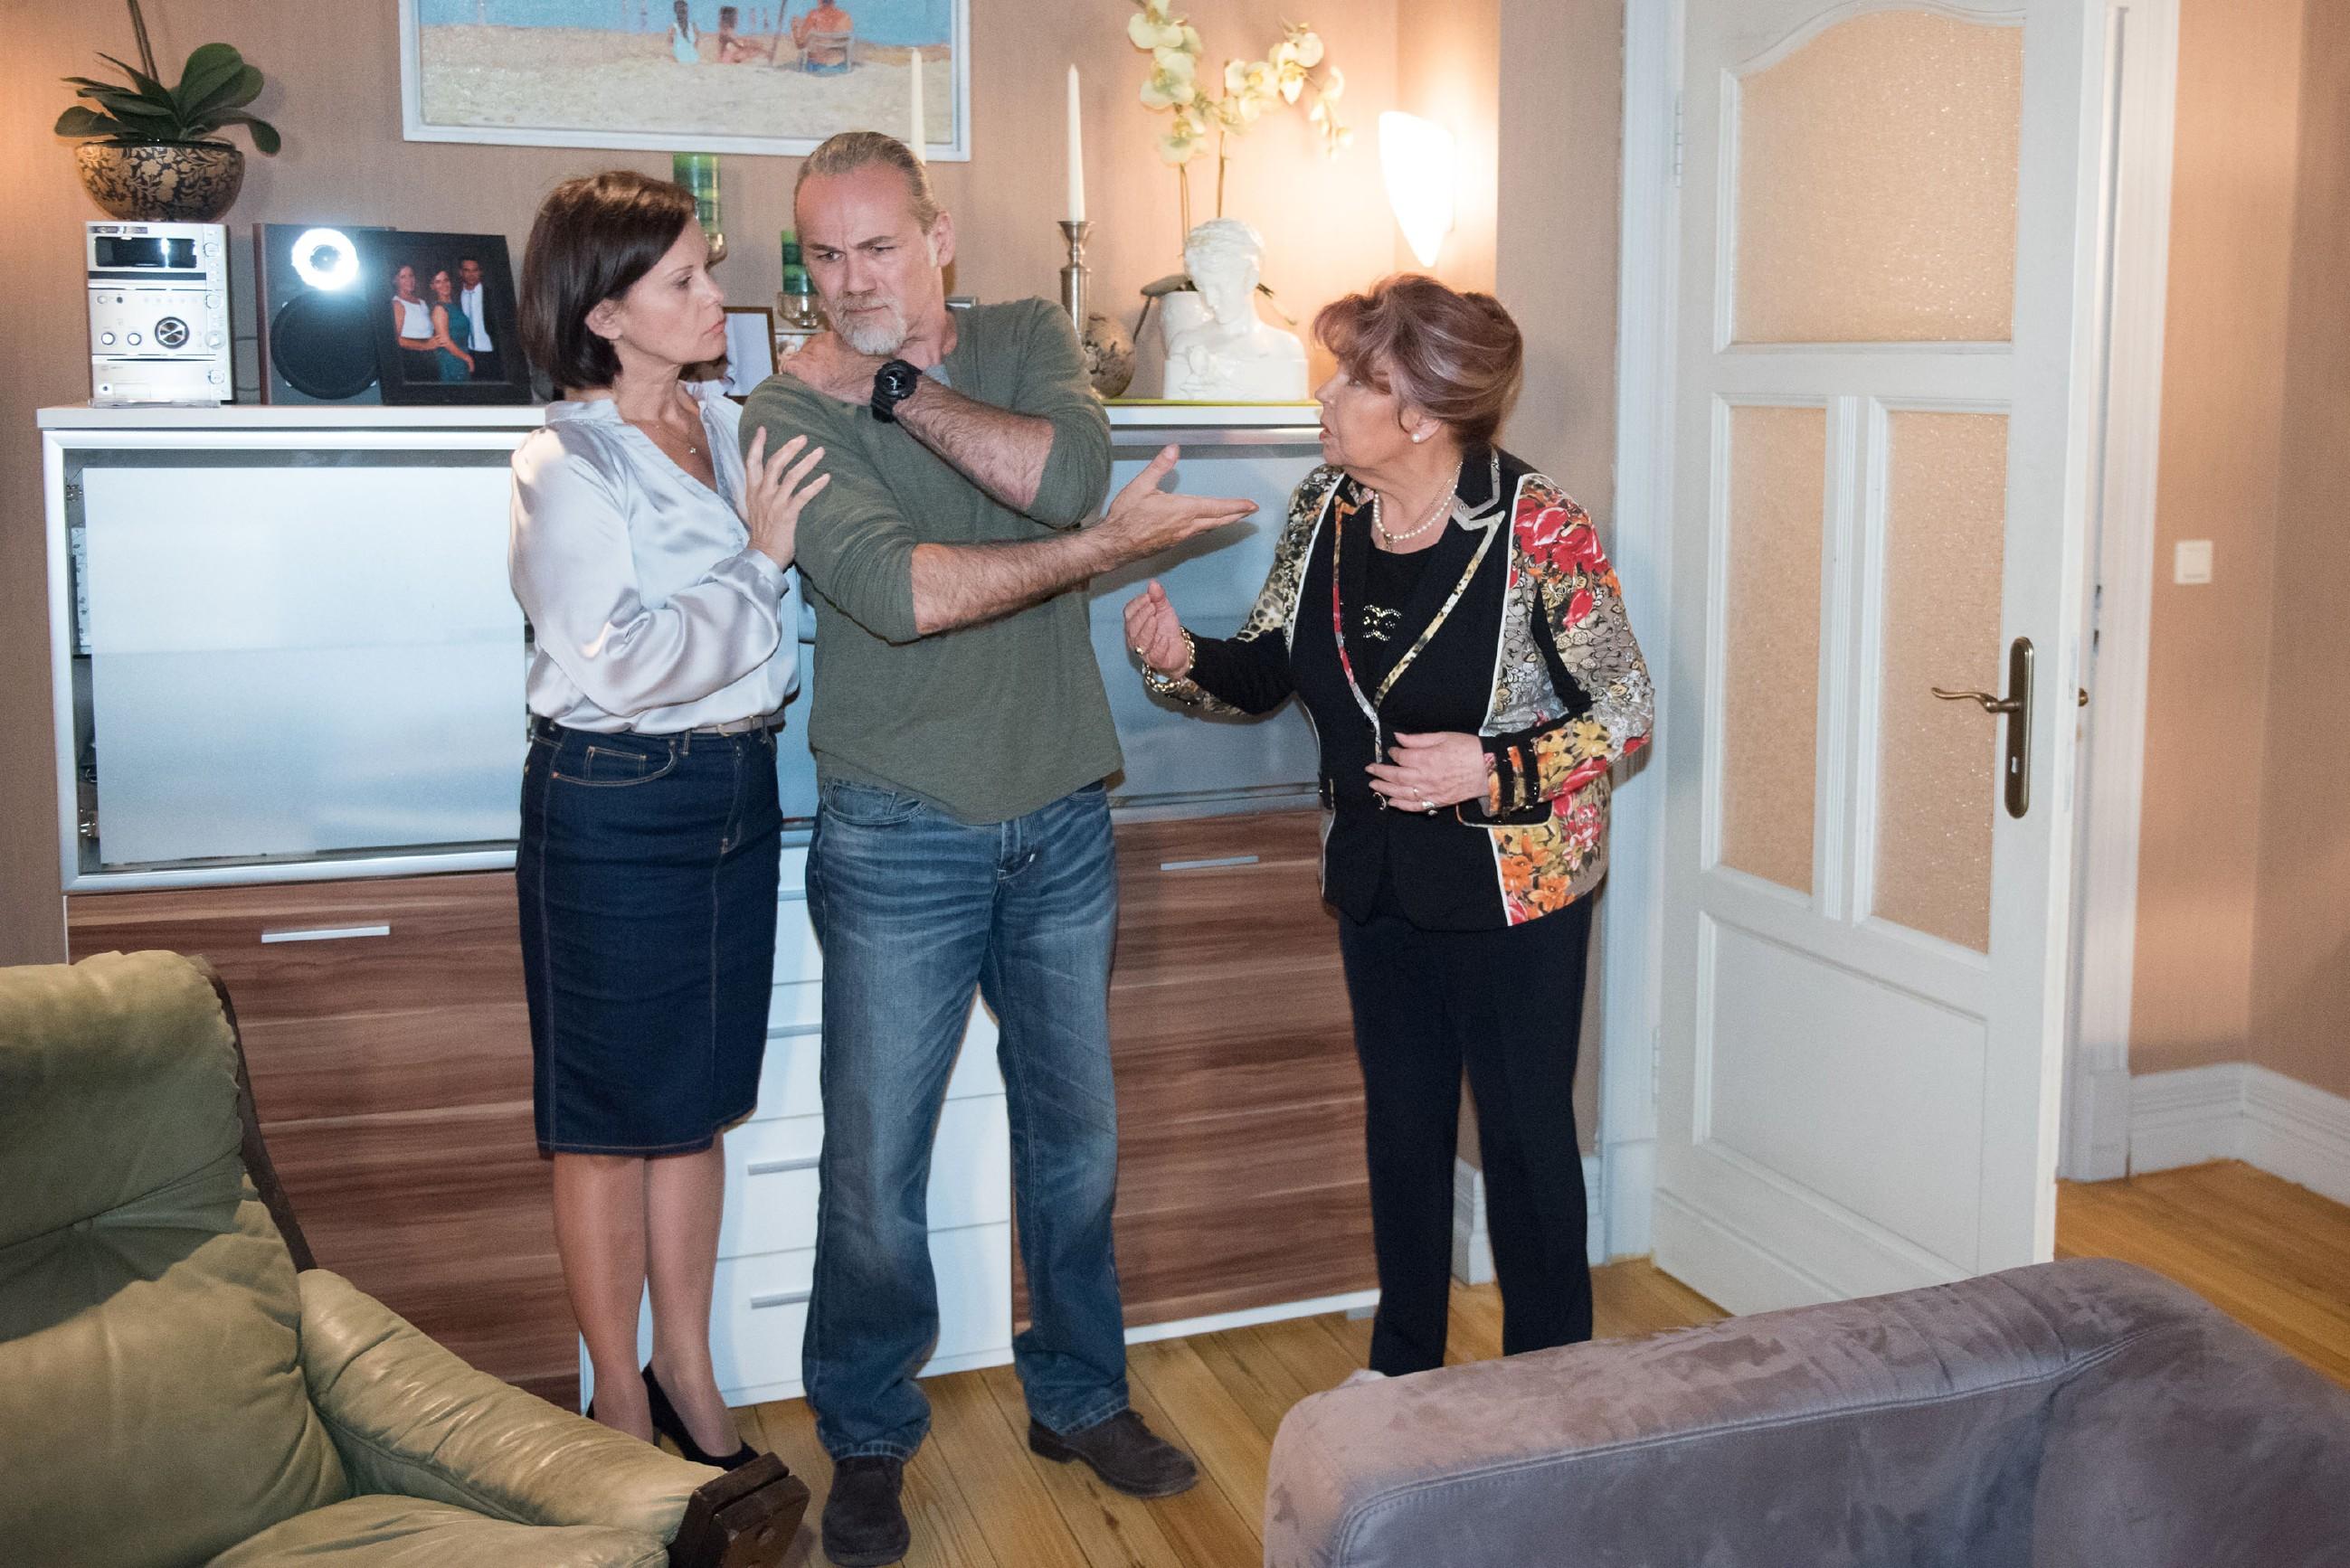 Roswitha (Andrea Brix, r.) inszeniert sich auch nach dem Angriff auf Robert (Luca Maric) vor ihm und Irene (Petra Blossey) weiterhin als gefährdetes Opfer. (Quelle: Foto: RTL / Stefan Behrens)